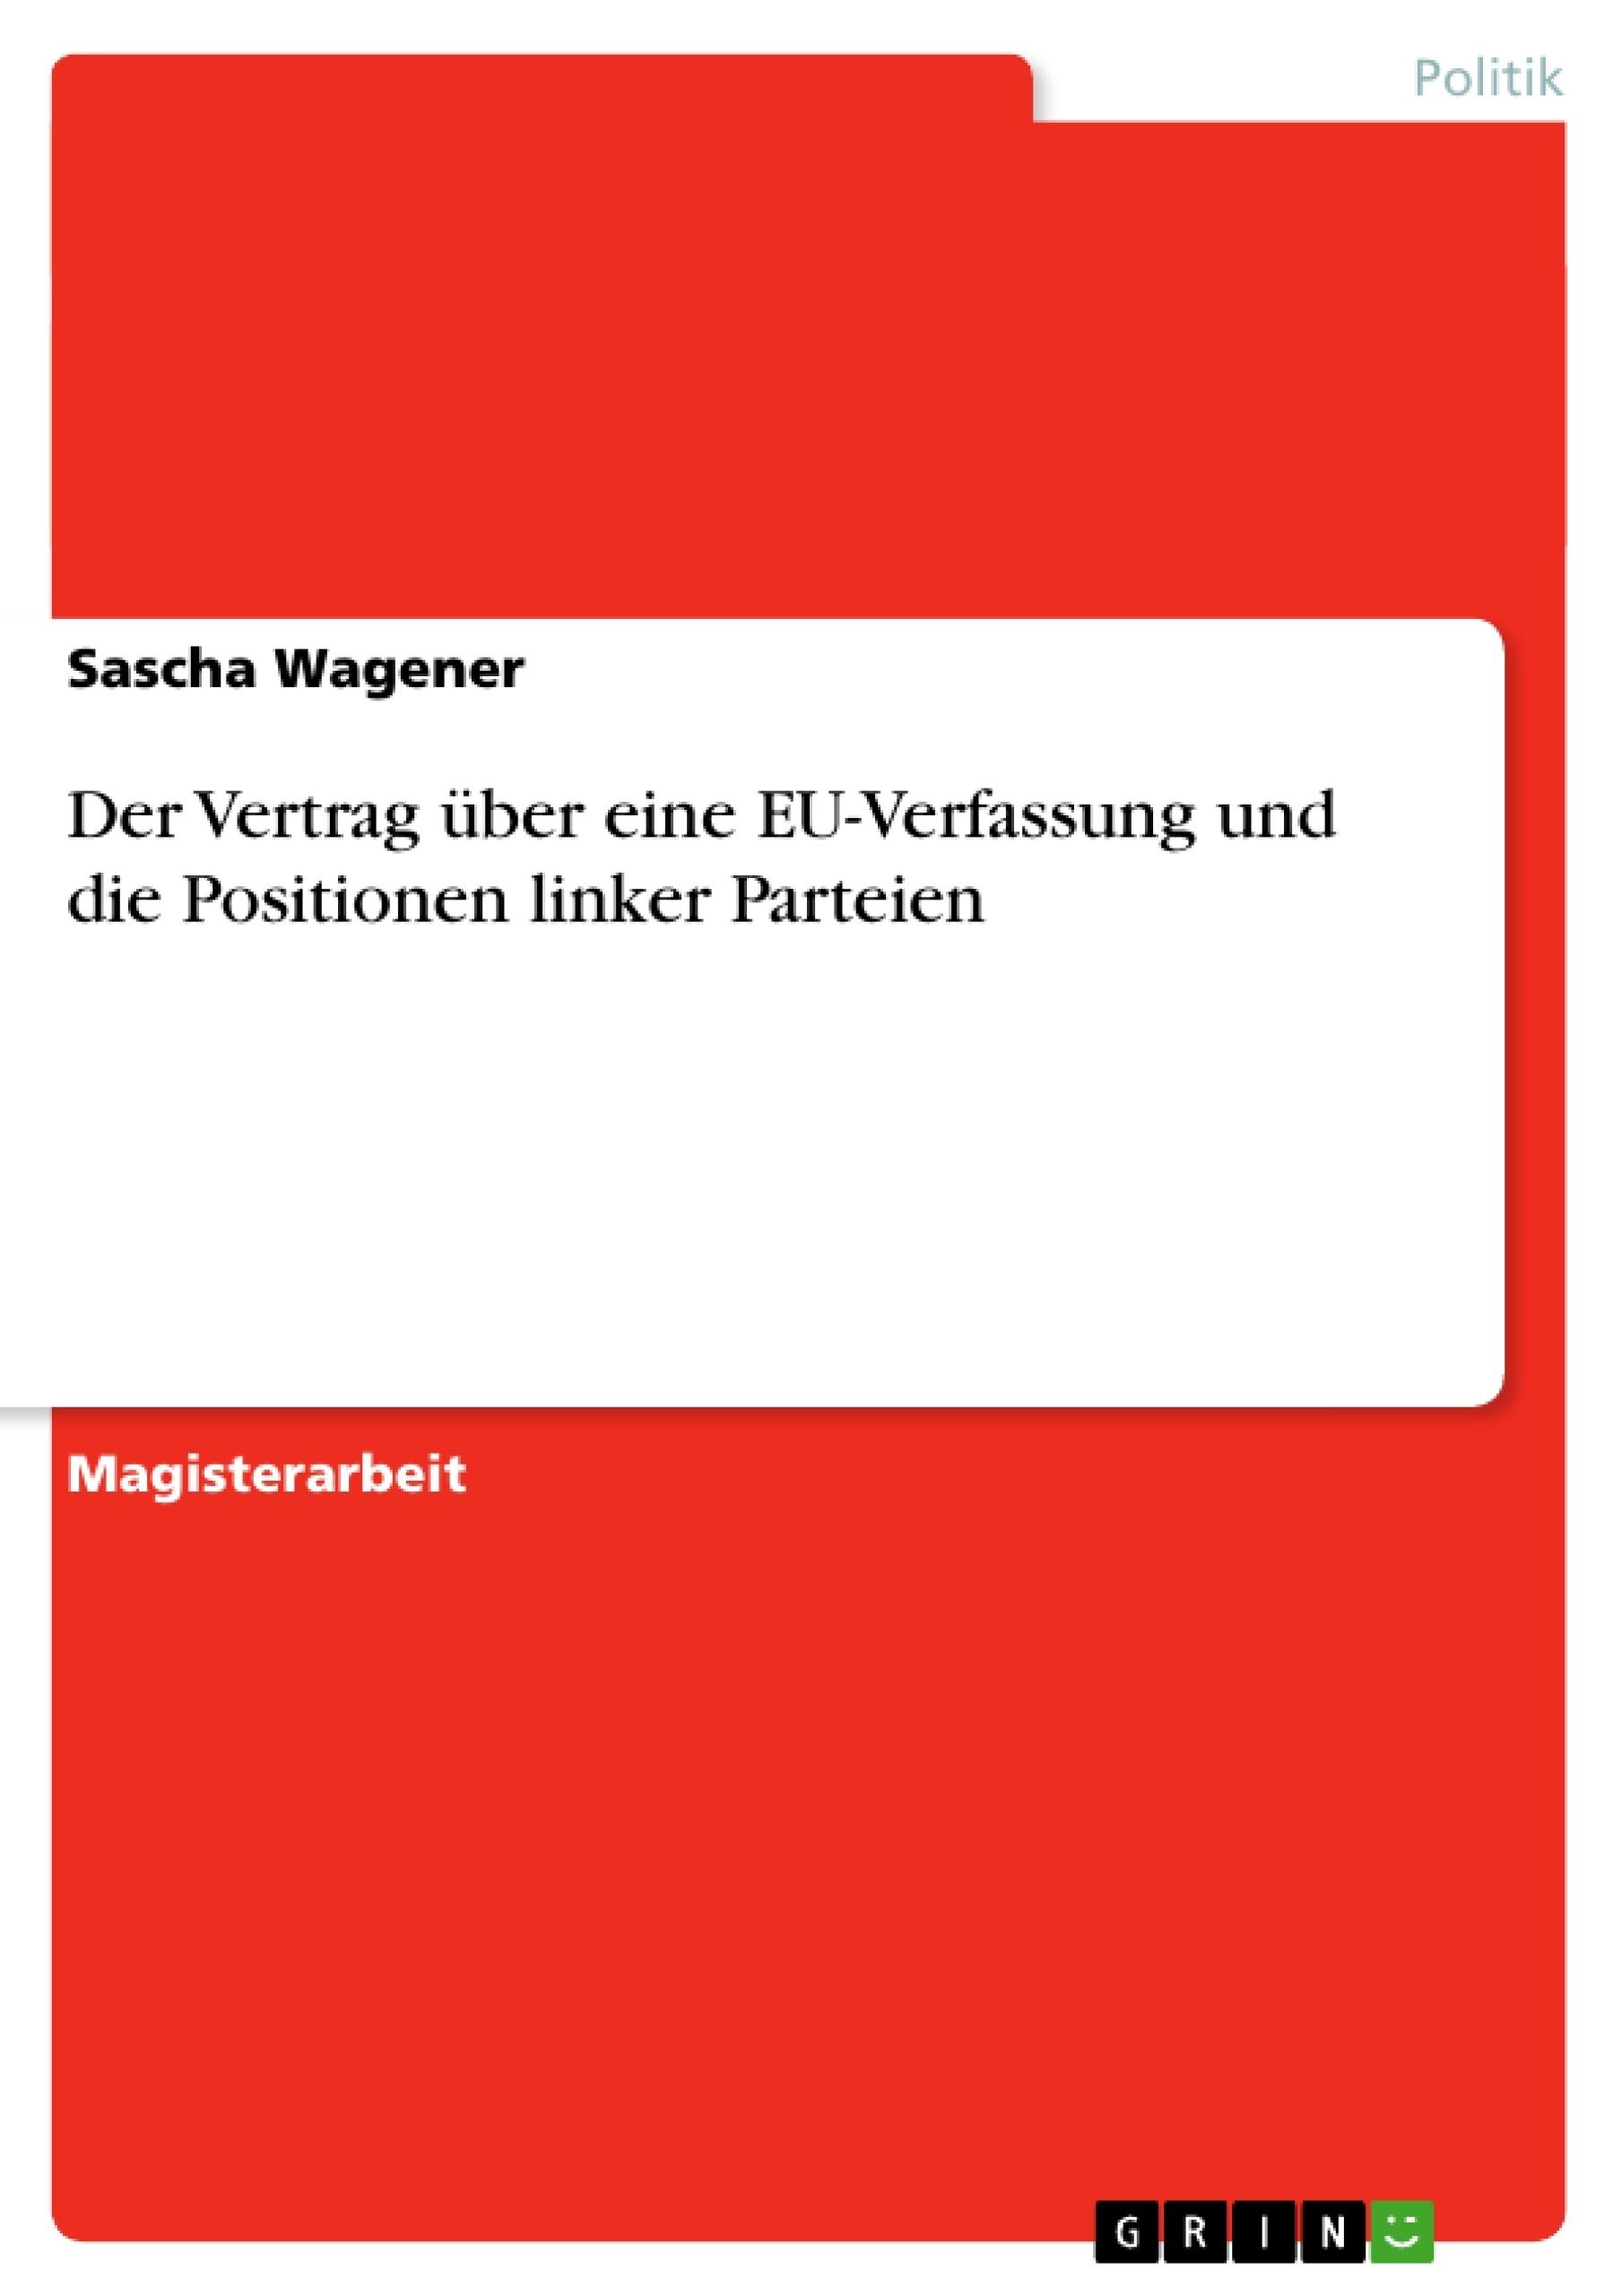 Titel: Der Vertrag über eine EU-Verfassung und die Positionen linker Parteien